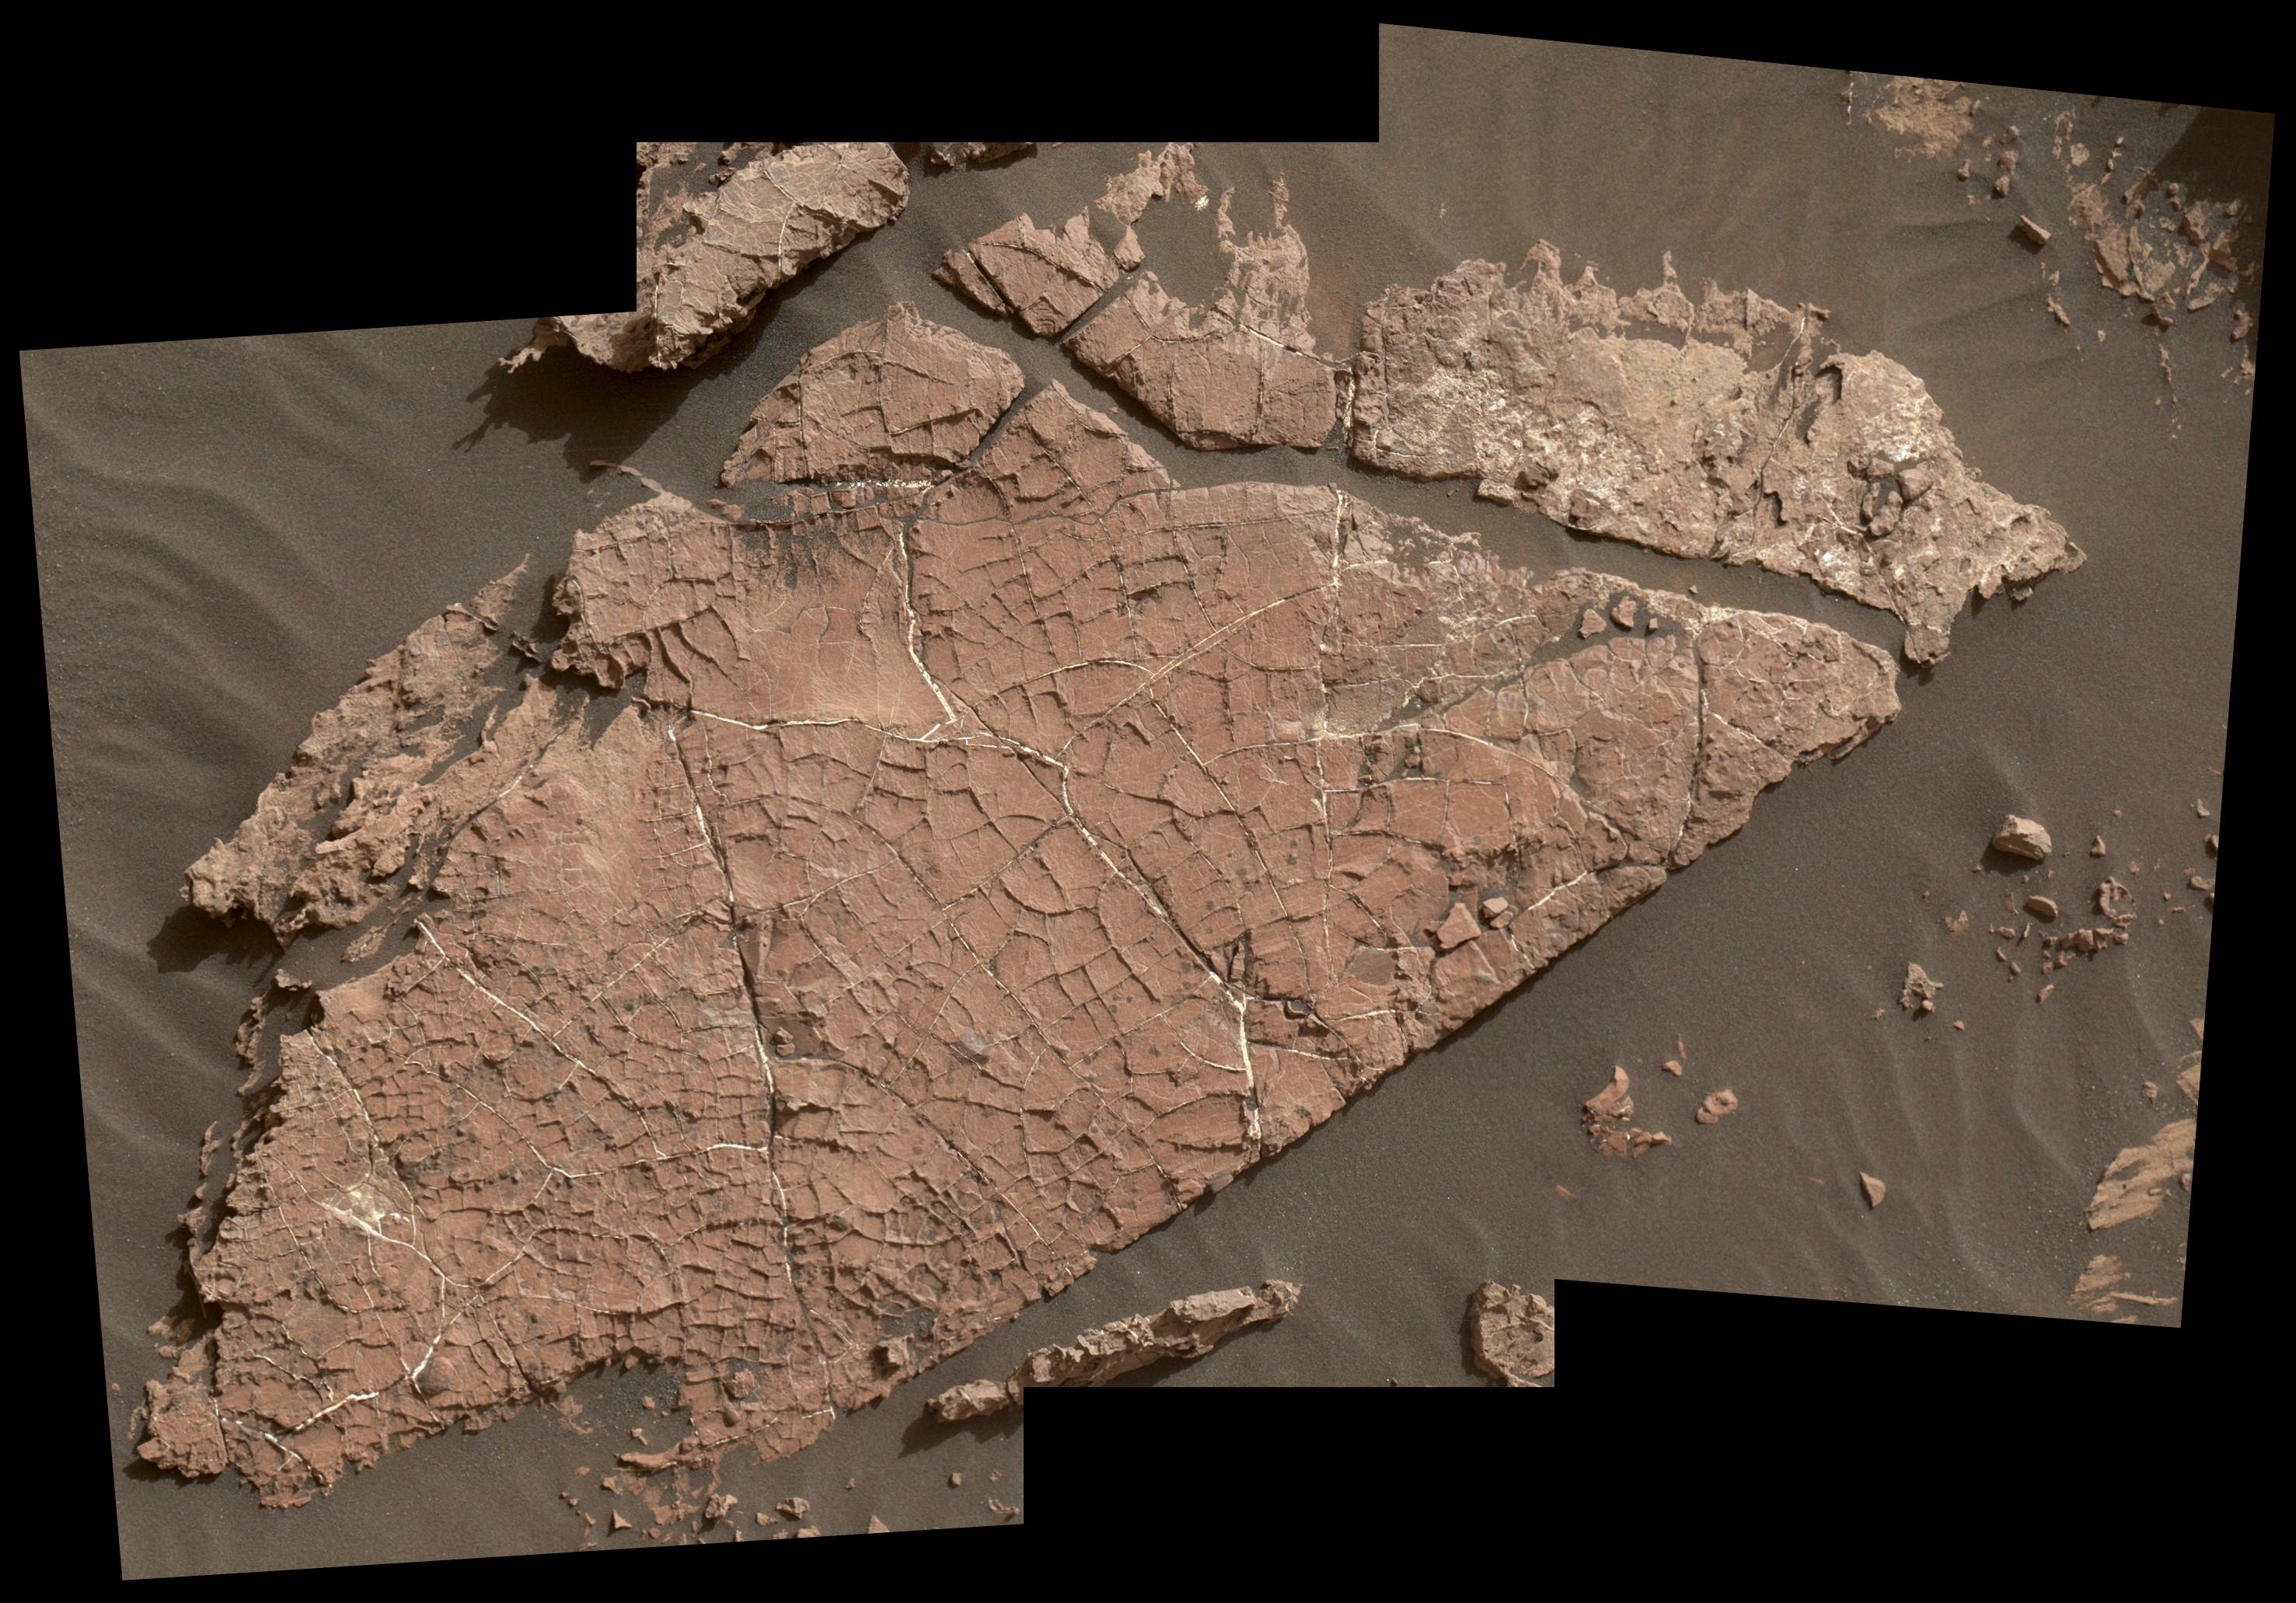 """เครือข่ายรอยแตกของหินบนดาวอังคาร บริเวณพื้นที่ๆเรียกว่า """"Old Soaker"""" ซึ่งก่อตัวขึ้นมาจากชั้นดินโคลนที่แห้งไป เมื่อราว 3 พันล้านปีก่อน ภาพนี้มีความกว้าง 90 เซนติเมตร ถ่ายไว้ได้โดย กล้อง MAHLI ที่แขนกลของรถสำรจ Curiosity Mars rover ของนาซ่า"""